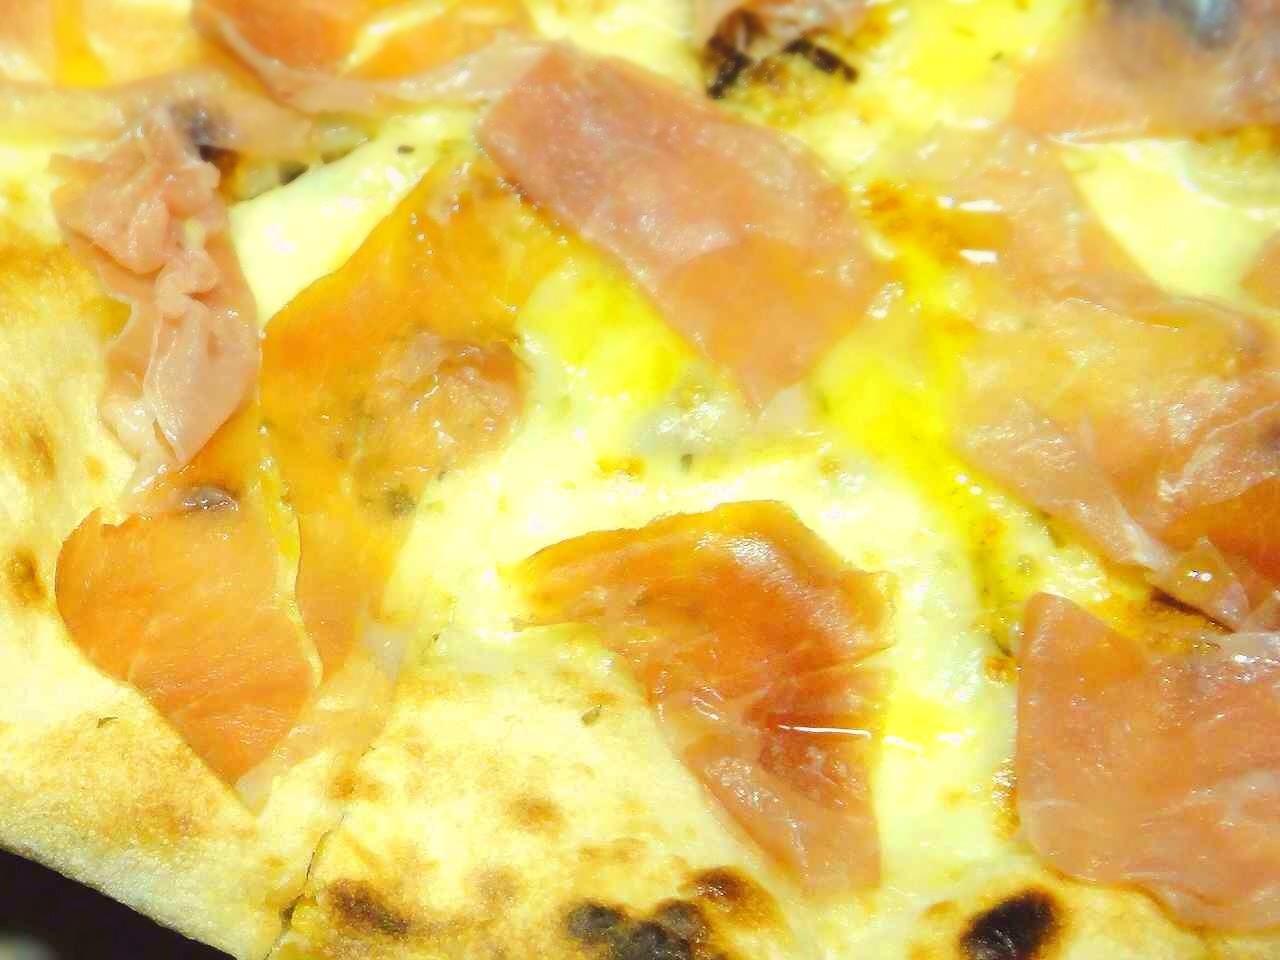 イタリア・ナポリ直輸入の食材で作る真のナポリピッツァ宅配専門店 PIZZA PAZZA